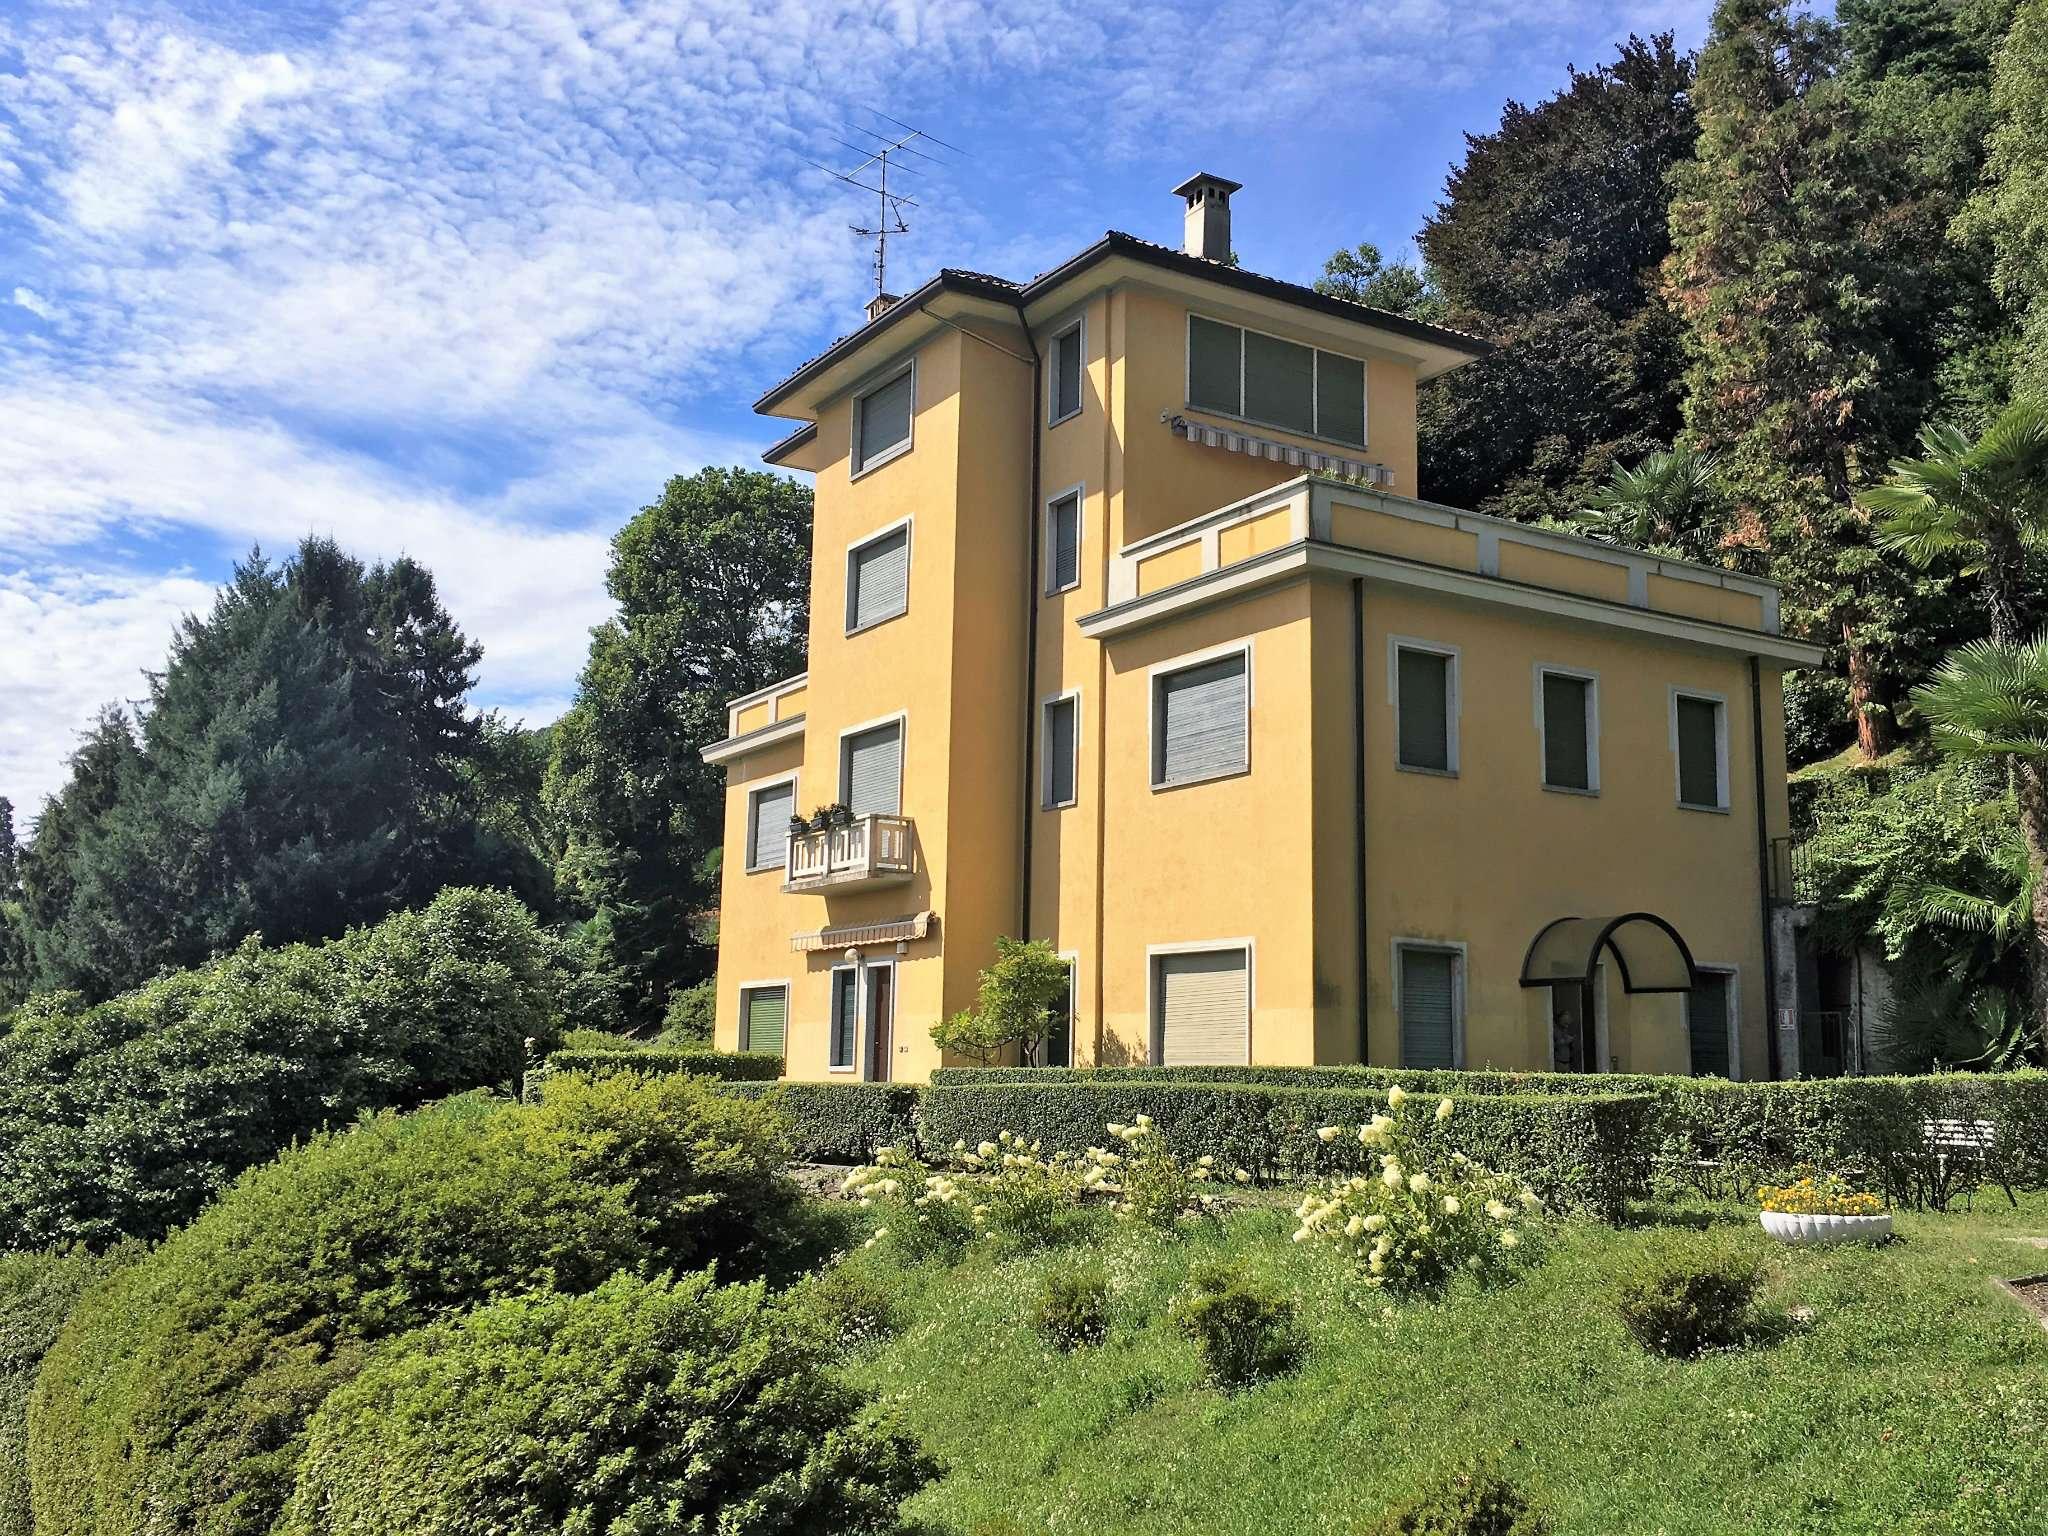 Appartamento in vendita a Belgirate, 2 locali, prezzo € 130.000 | CambioCasa.it